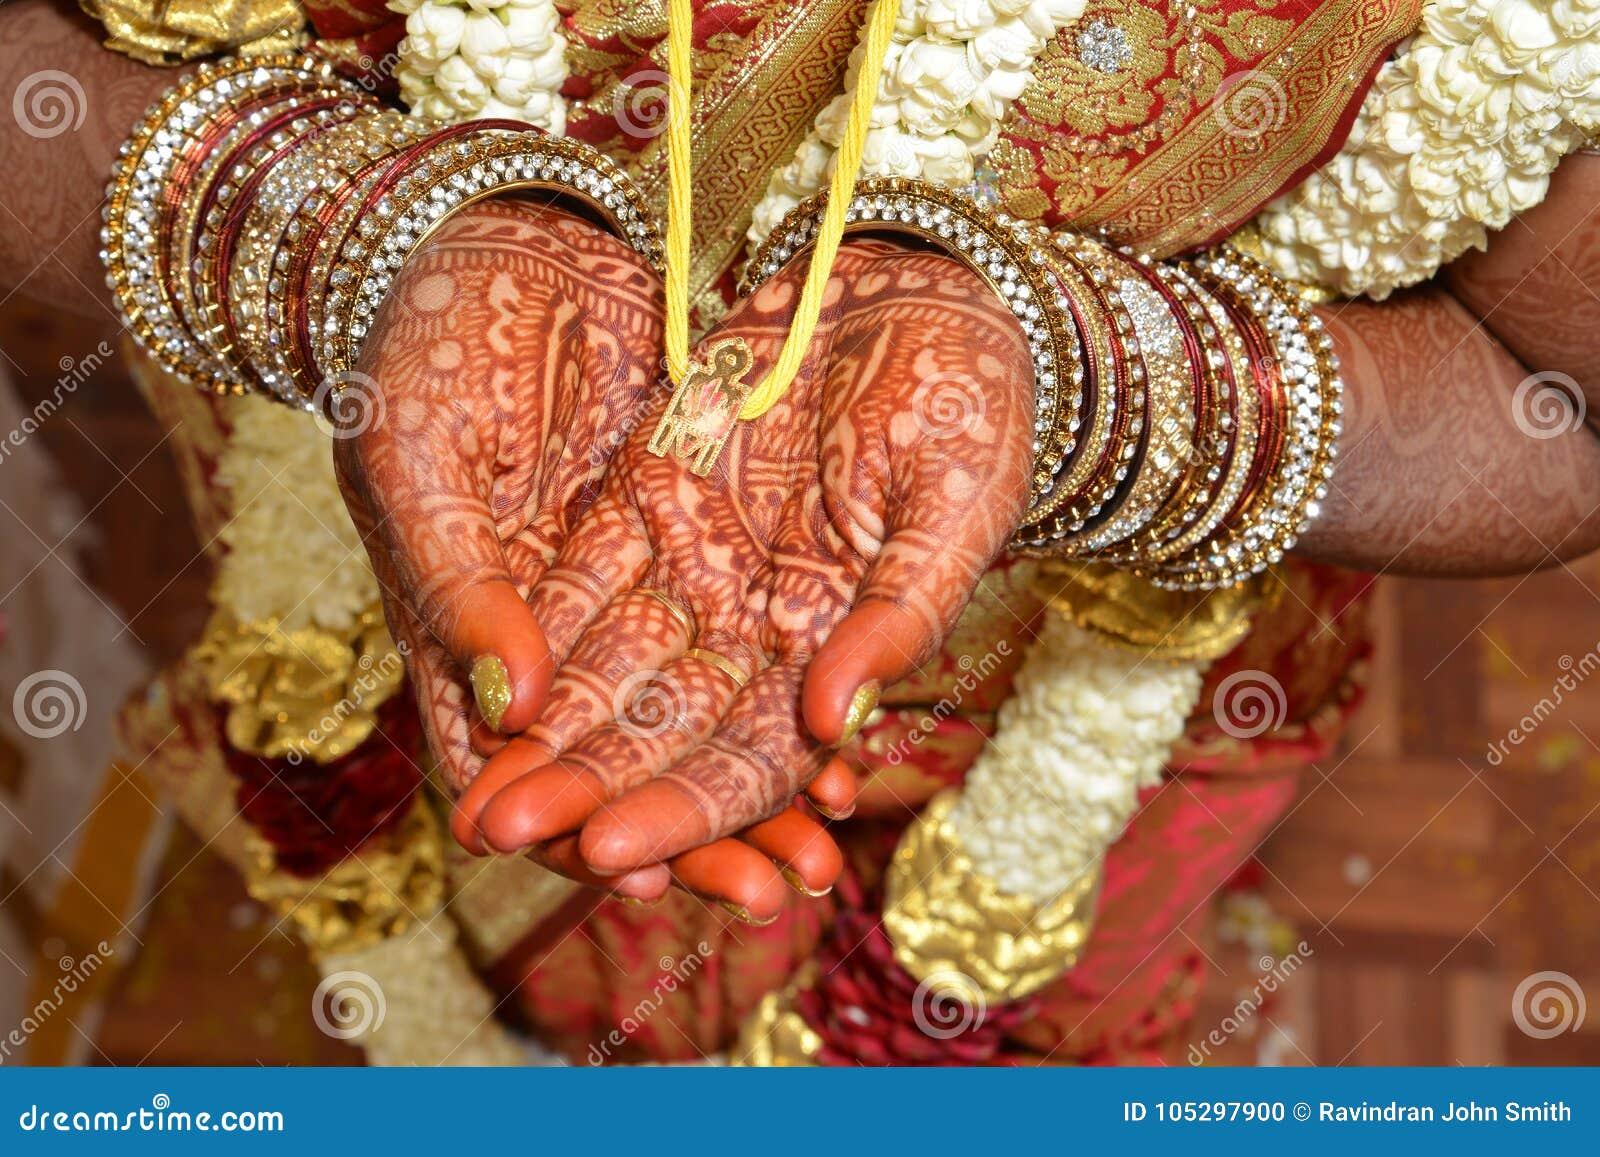 Indian Wedding - Holding Thali Stock Photo - Image of bride